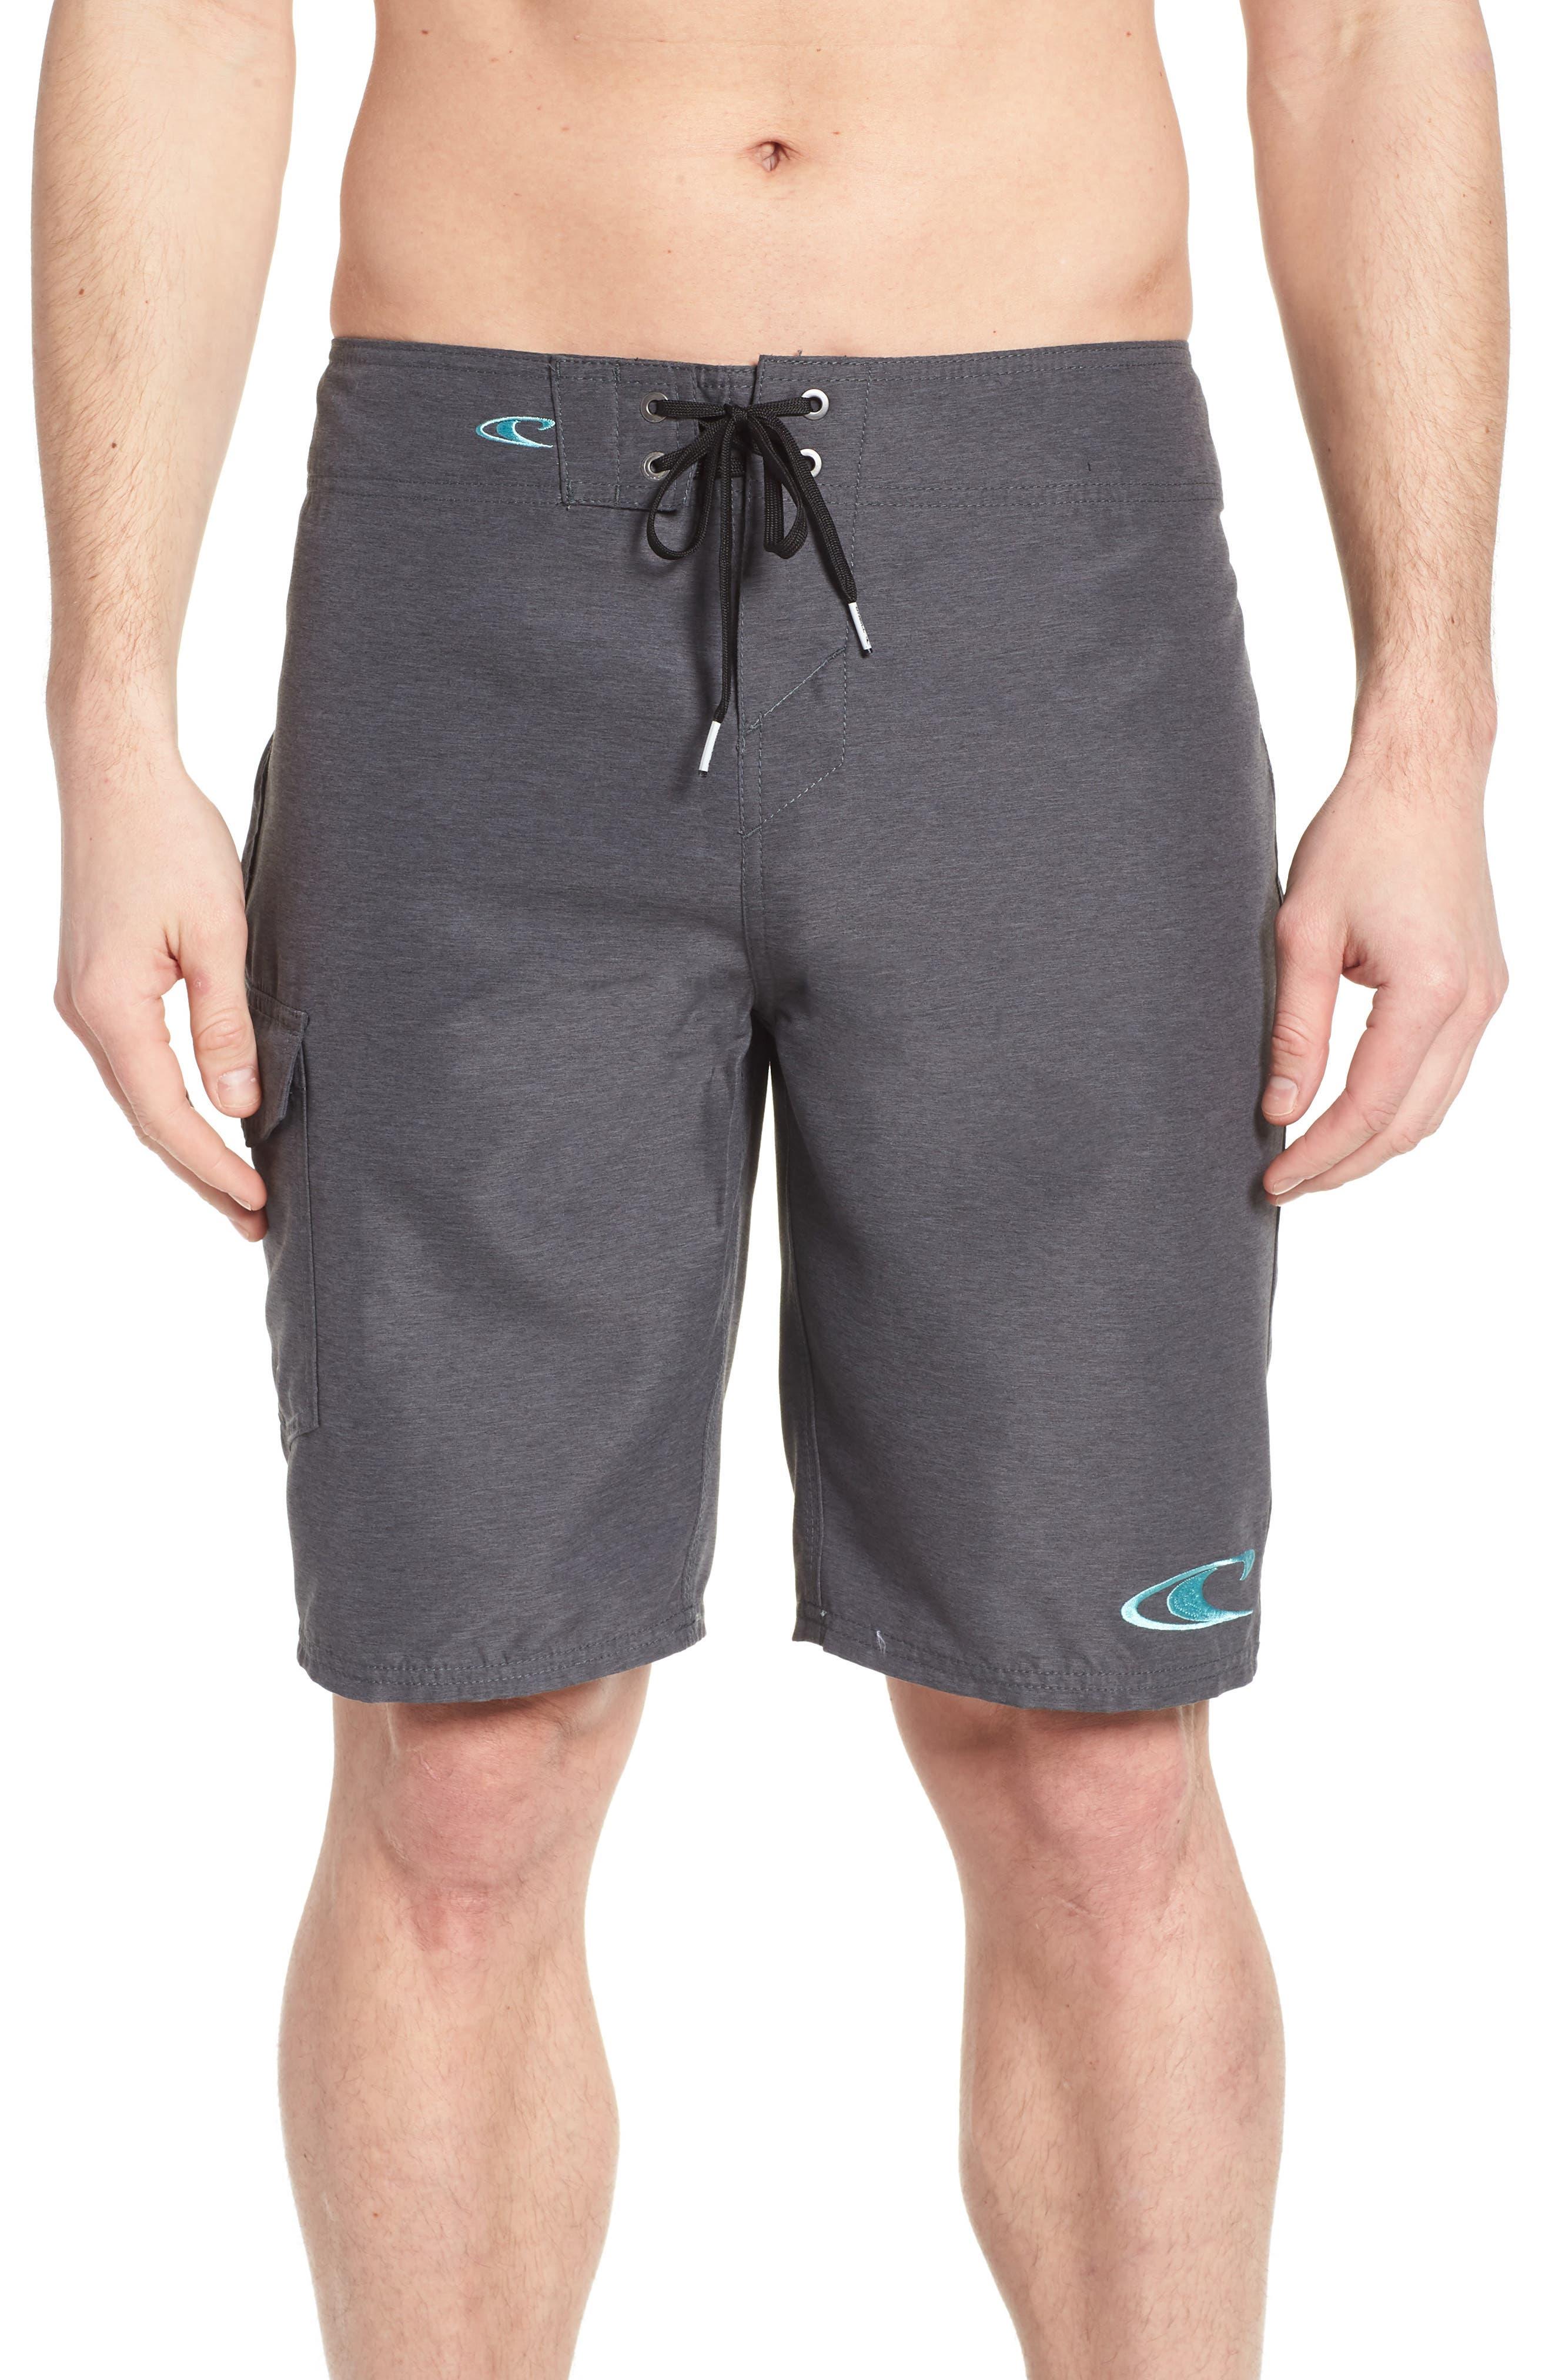 Santa Cruz Board Shorts,                             Main thumbnail 1, color,                             001